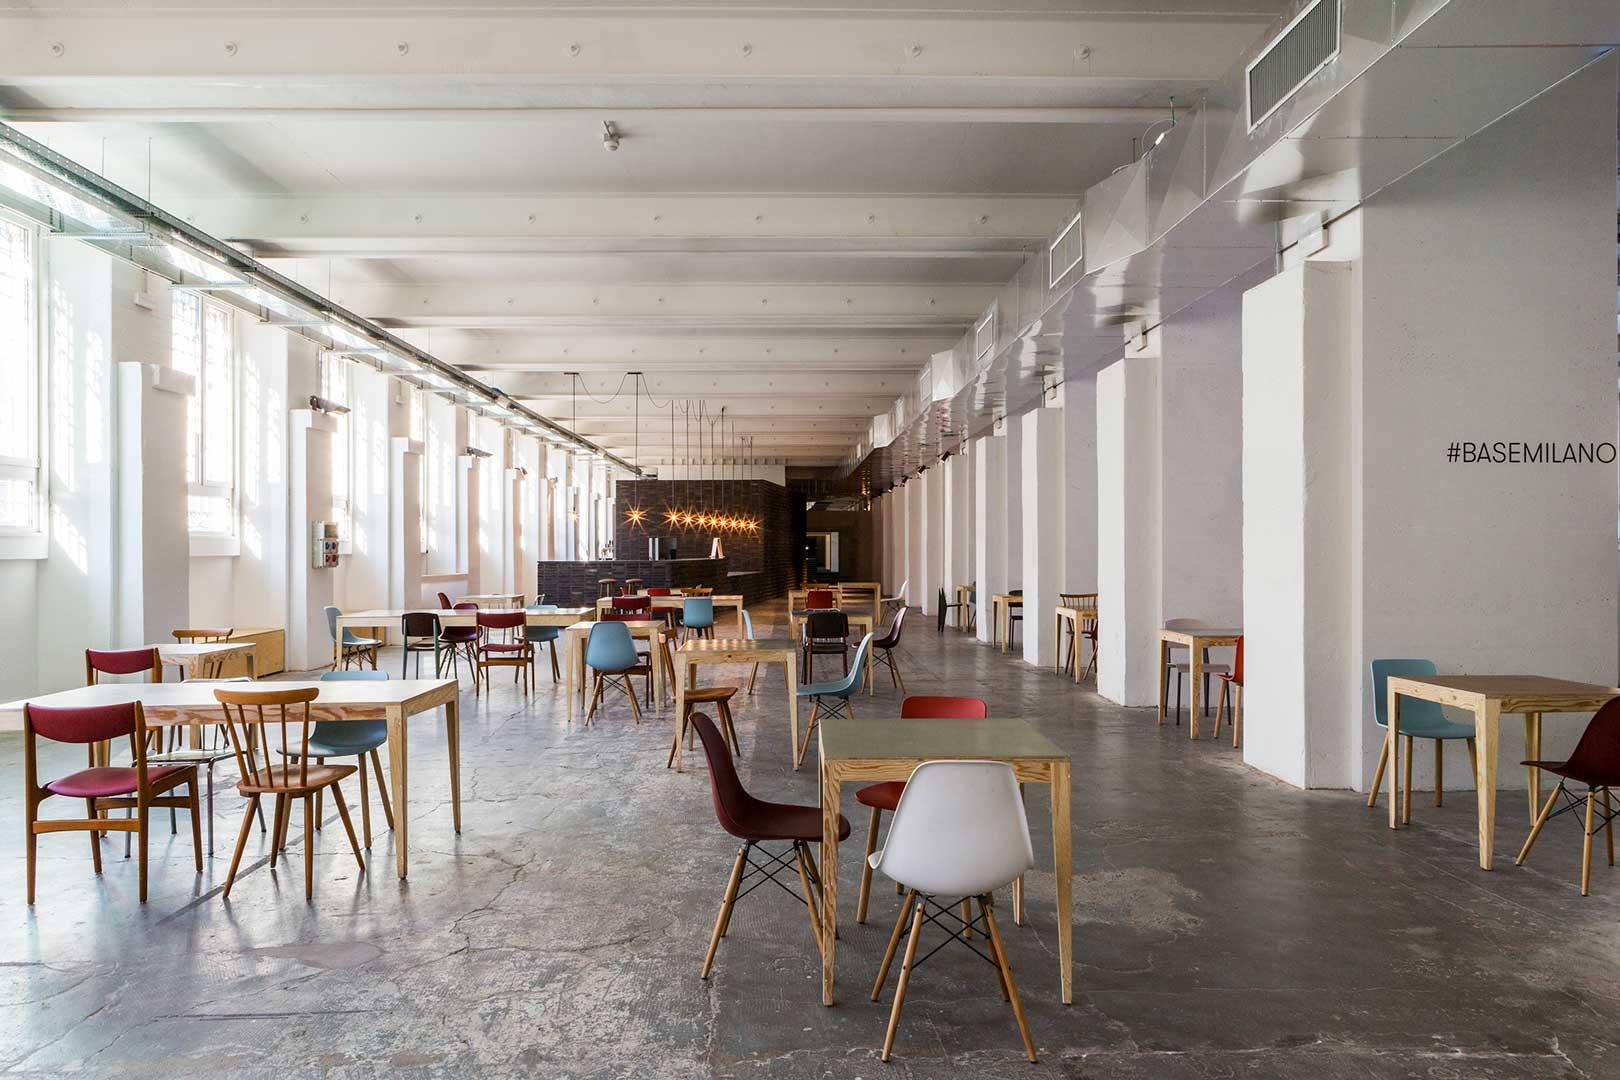 i-migliori-cafe-di-milano-per-lo-smart-working-base